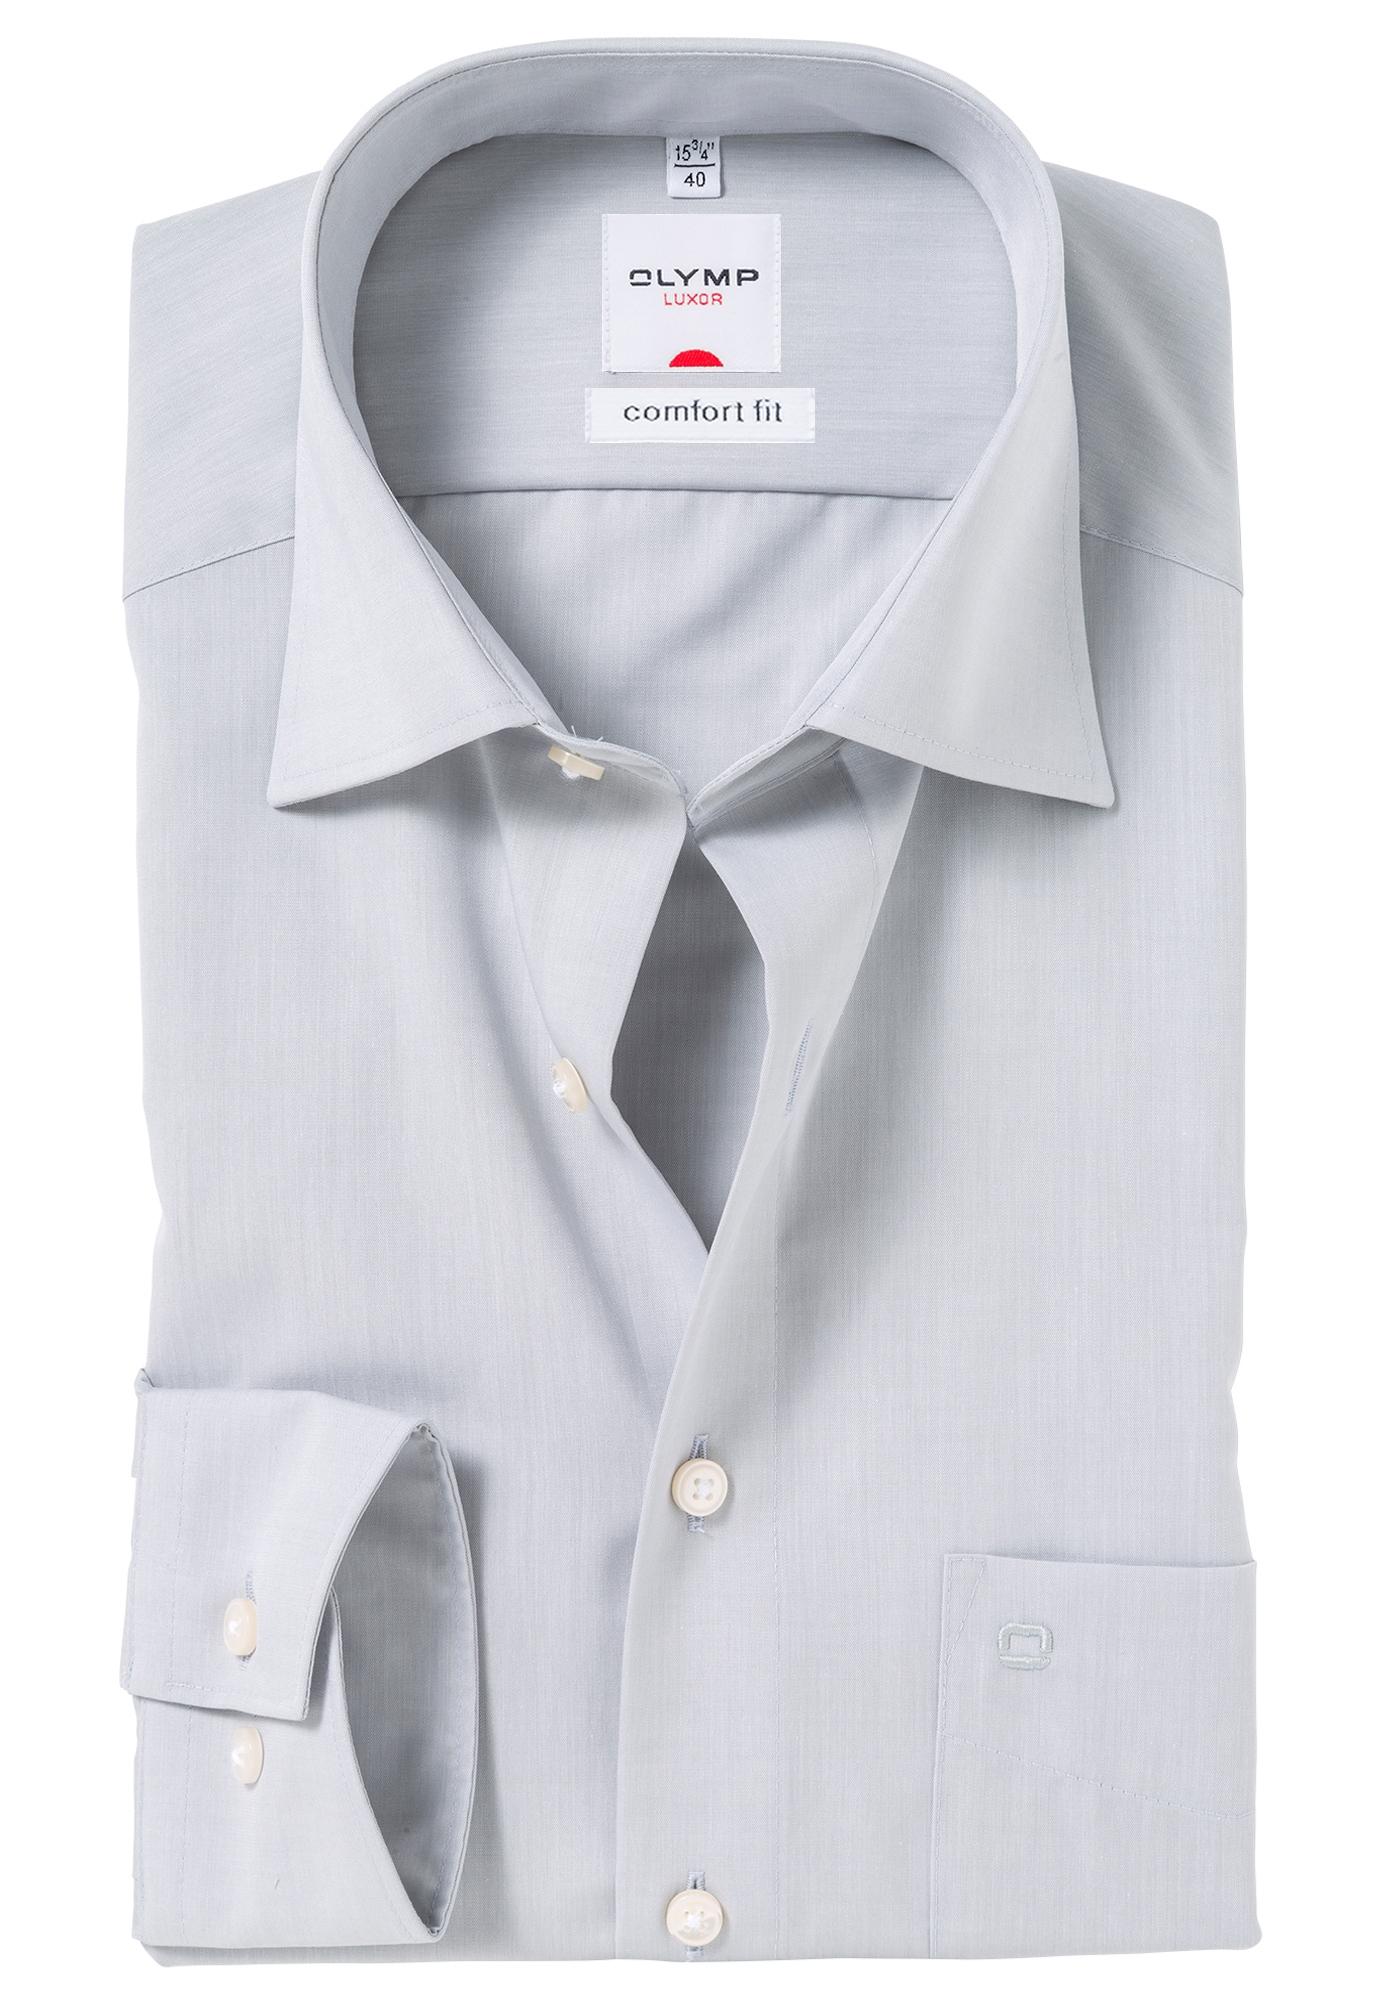 Grijs Overhemd Heren.Olymp Comfort Fit Overhemd Grijs Gratis Bezorgd